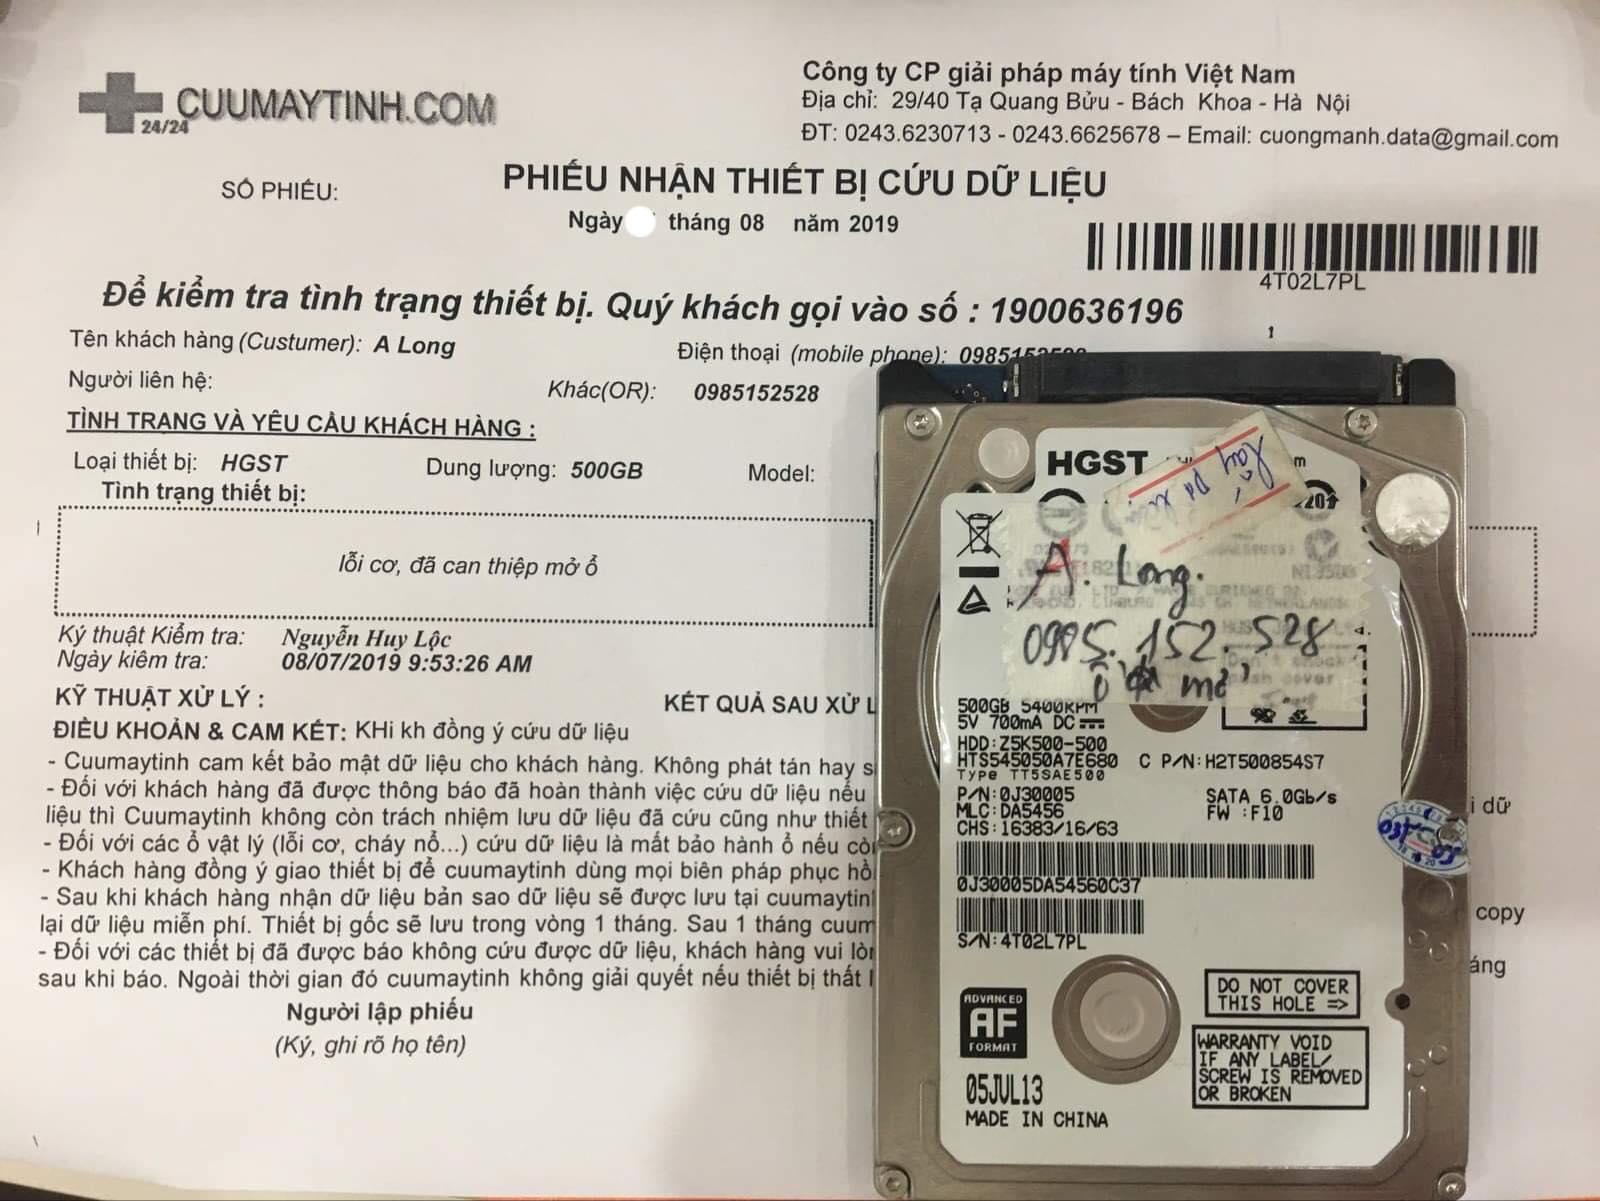 Phục hồi dữ liệu ổ cứng HGST 500GB lỗi cơ 27/08/2019 - cuumaytinh